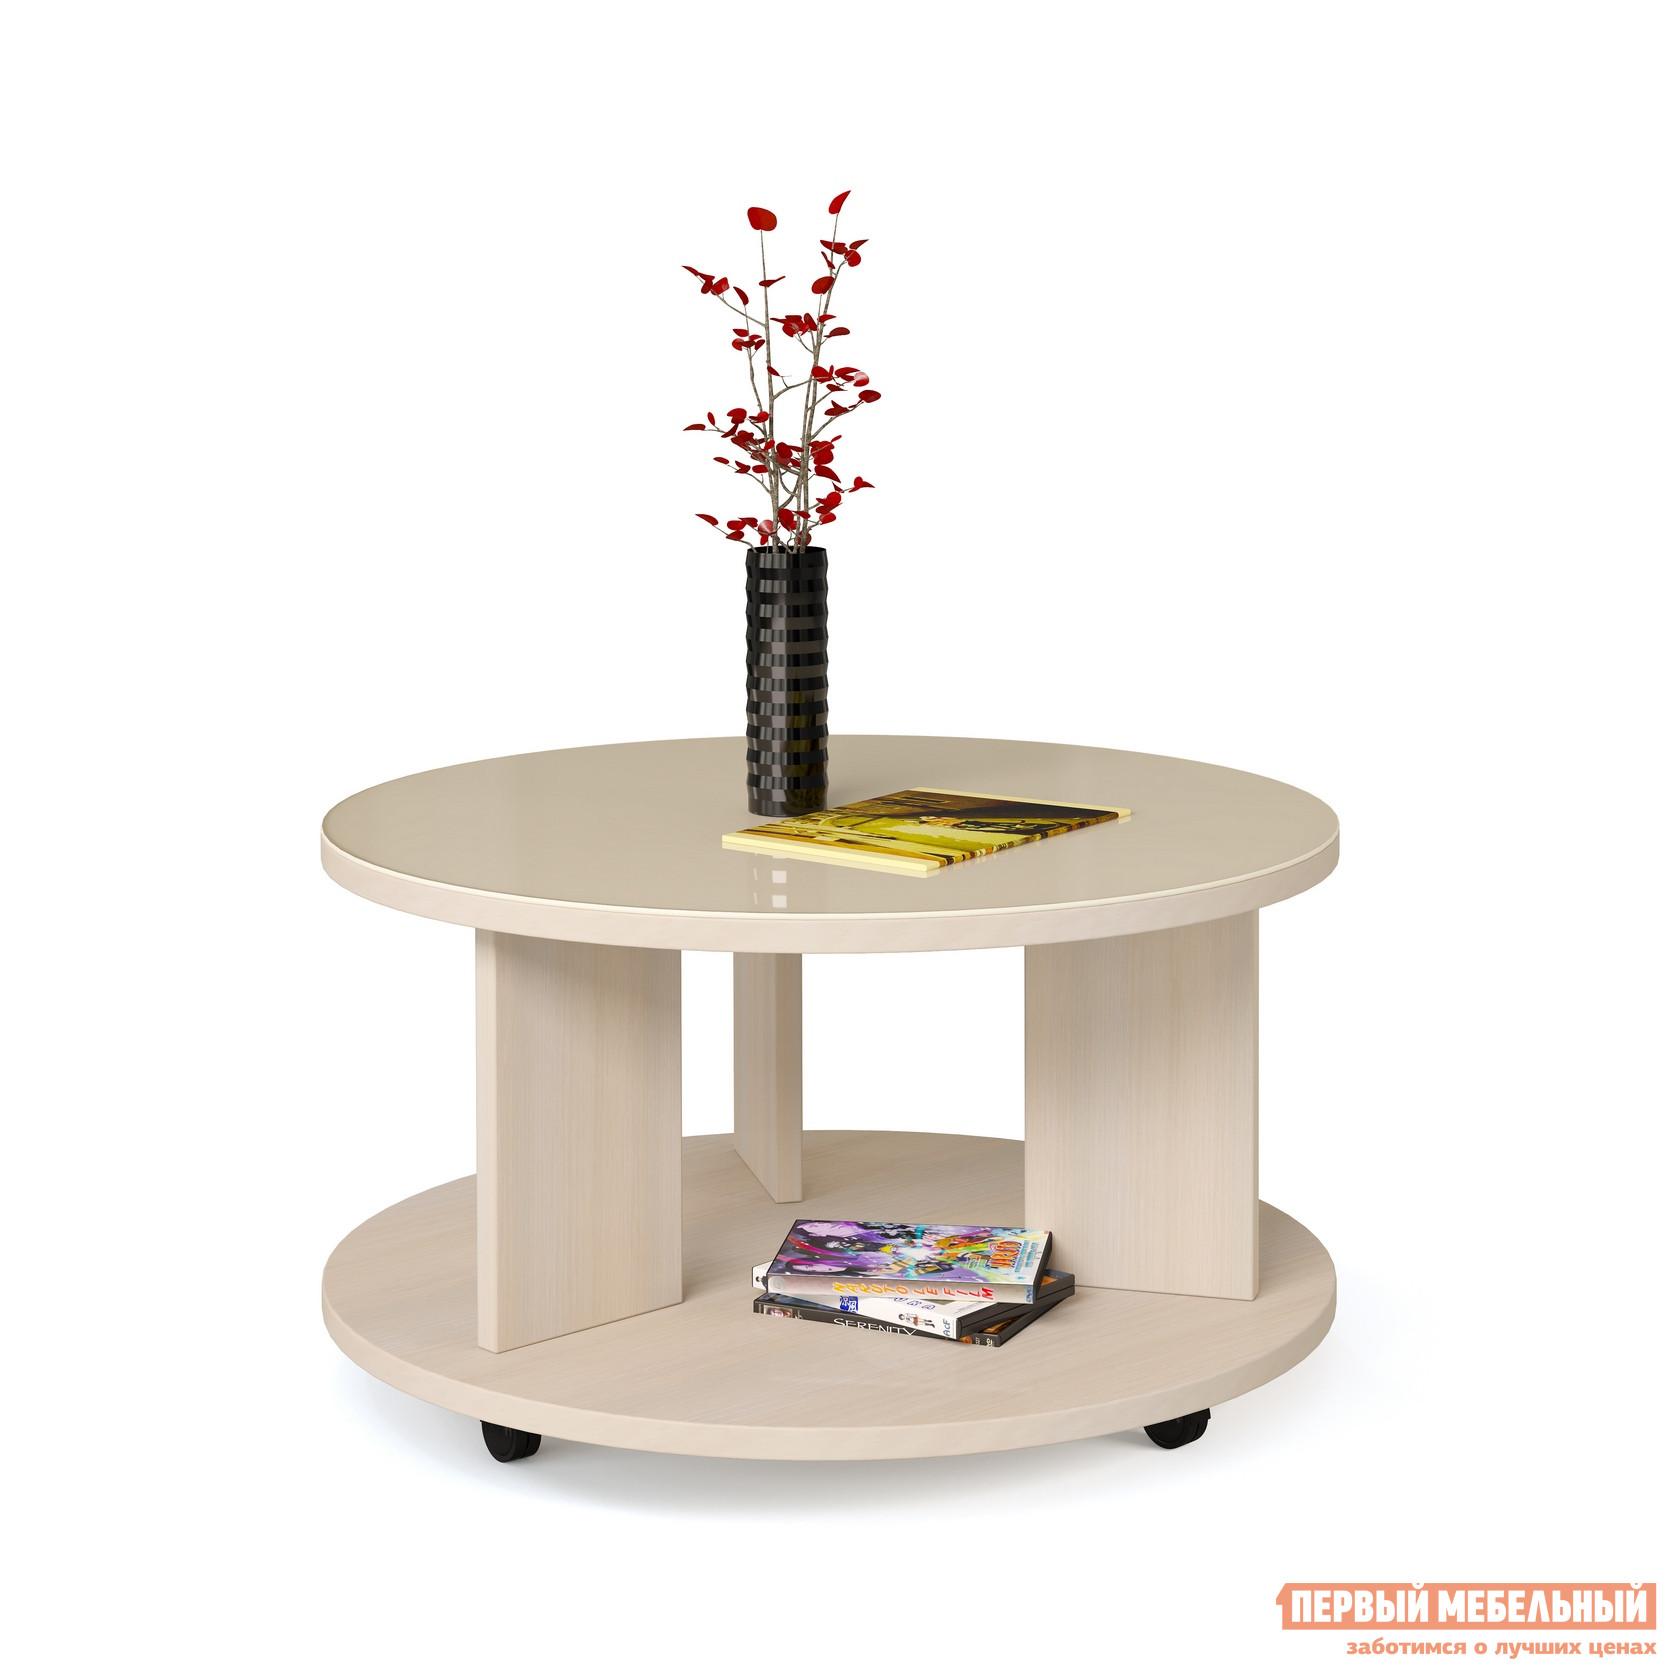 Фото Журнальный столик МегаЭлатон Эдем 10 стол журнальный со стеклом Беленый дуб / Бежевое стекло. Купить с доставкой